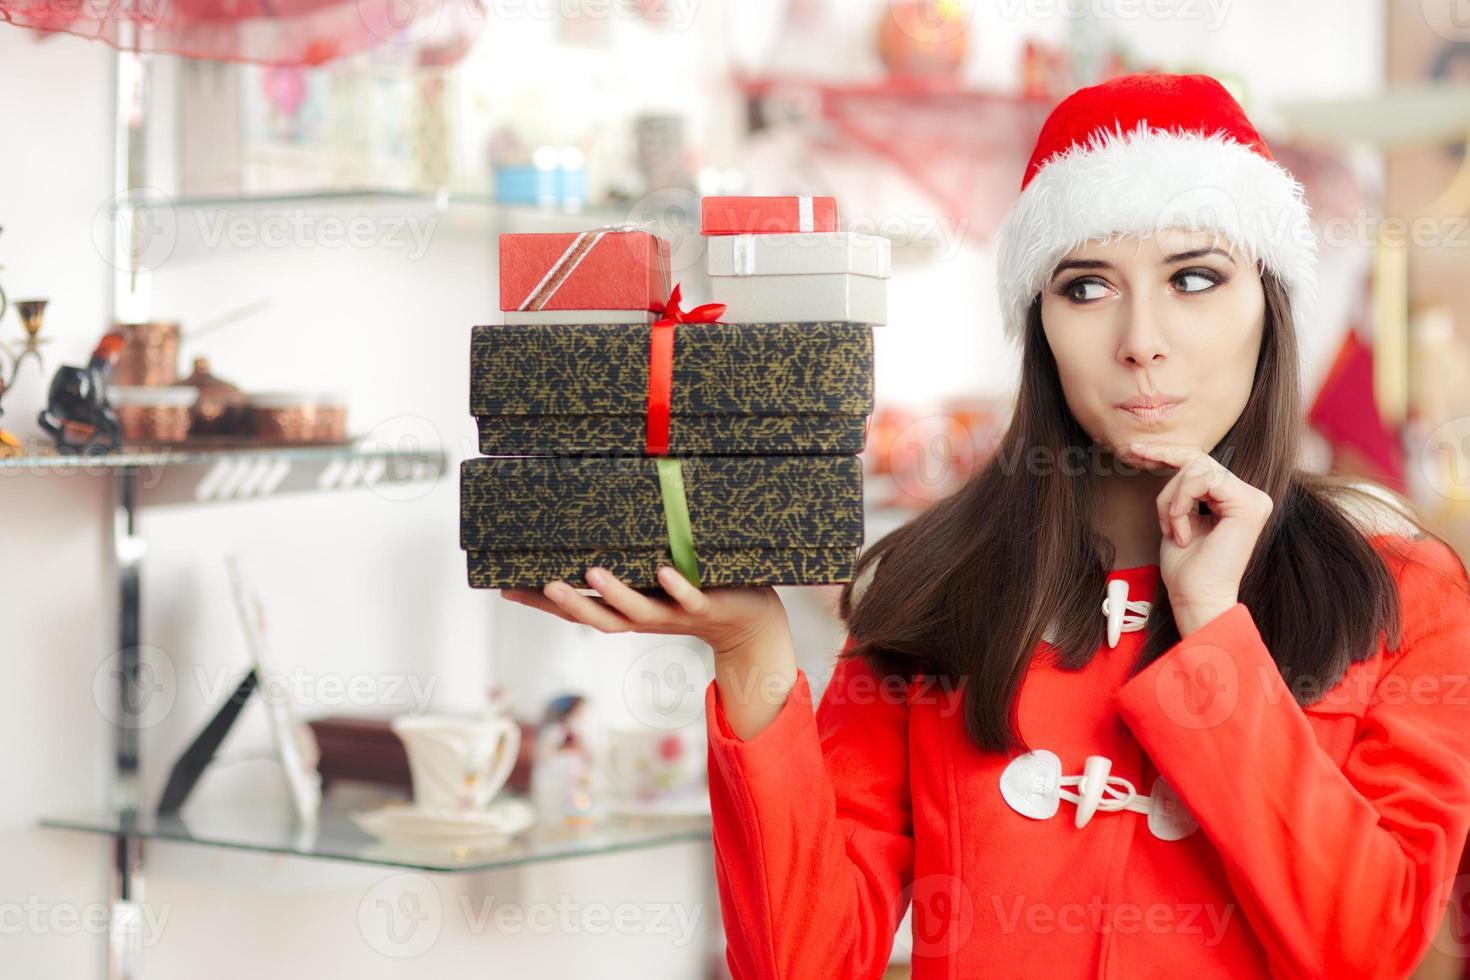 curieuse fille de Noël avec des cadeaux dans une boutique de cadeaux photo